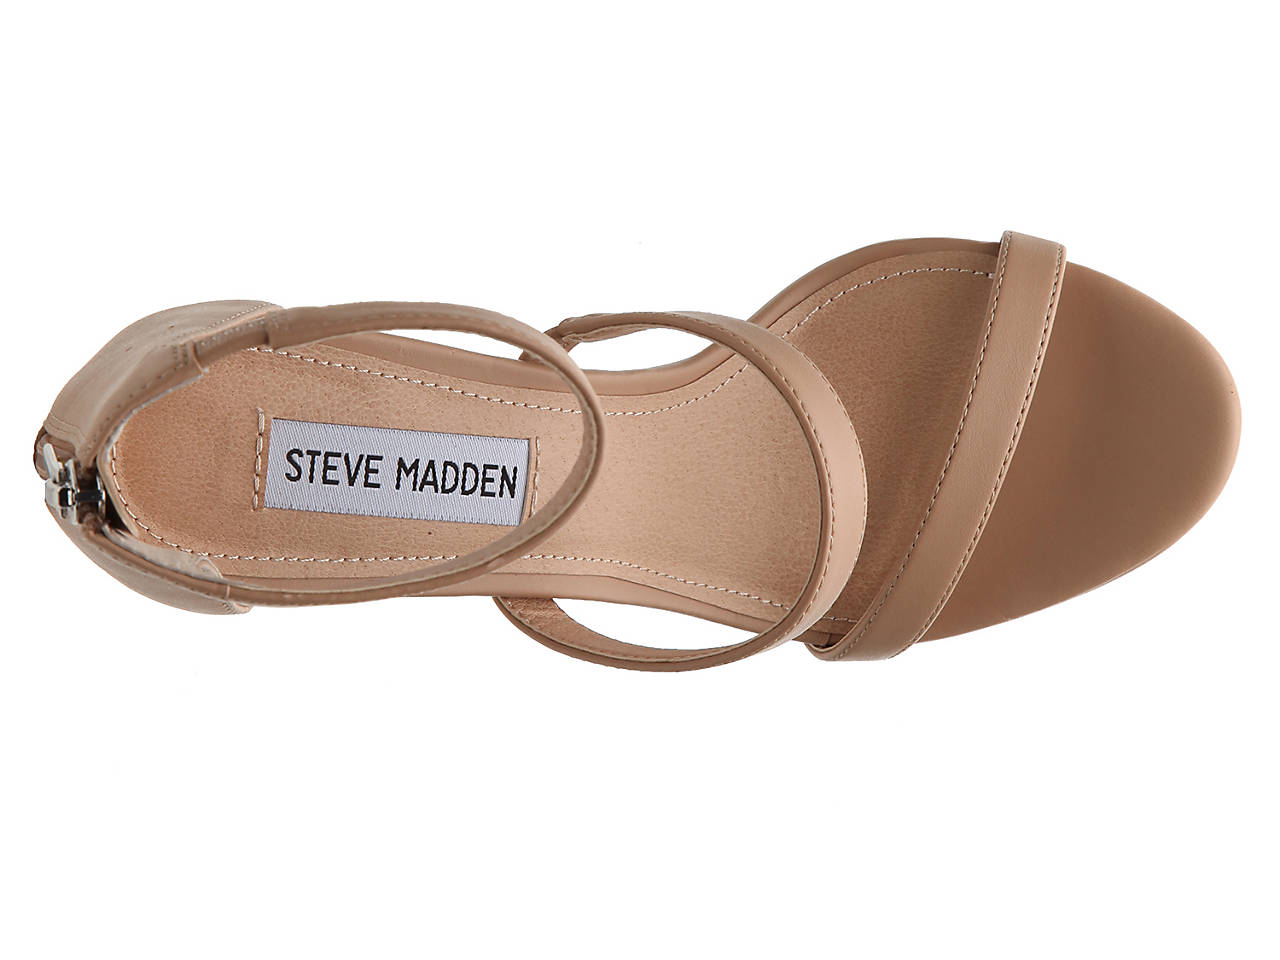 b23cad580def Steve Madden Feelya Sandal Women s Shoes